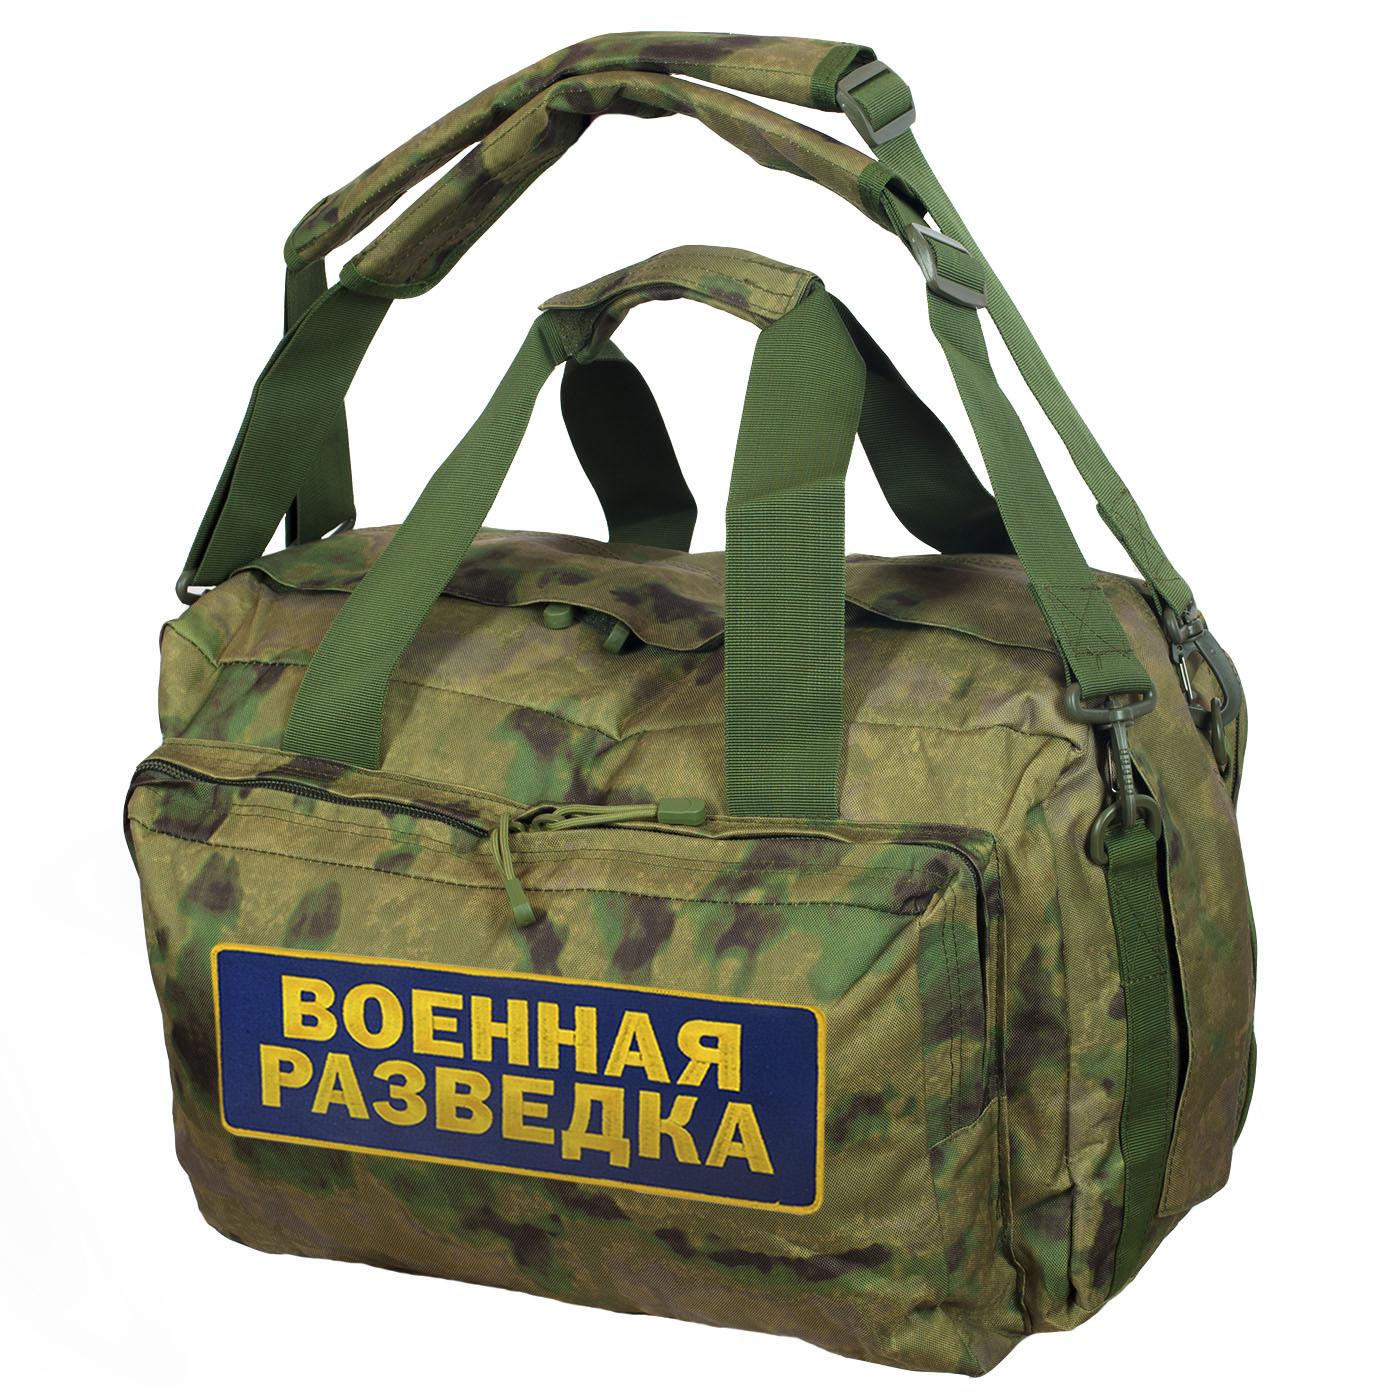 Хотите купить сумку разведчика? В интернет магазине Военпро есть именно такая!